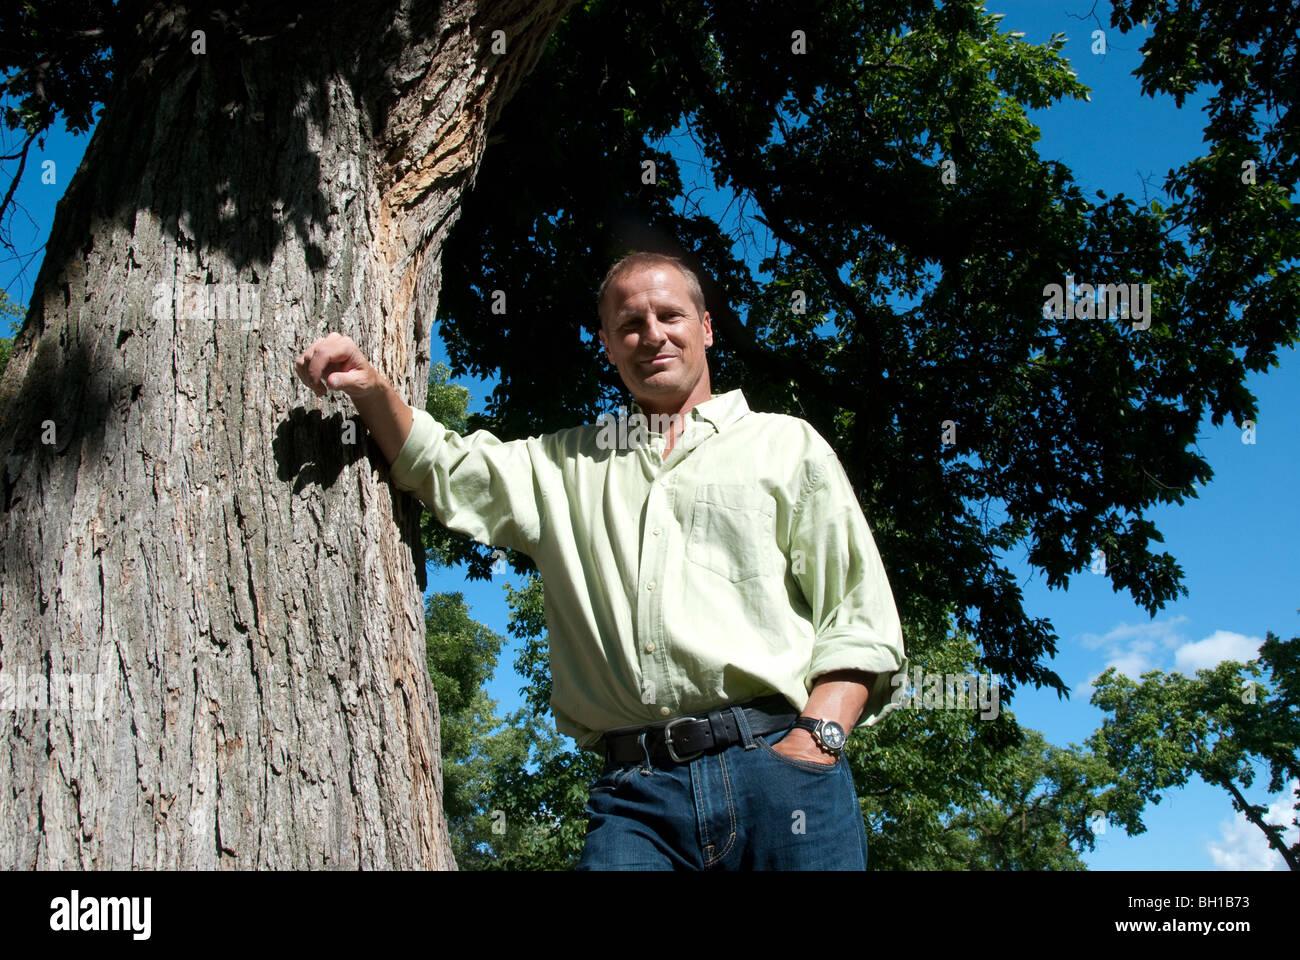 Basso angolo di visione dell uomo nella sua 40's poggiando su albero in Assiniboine Park, Winnipeg, Manitoba, Immagini Stock